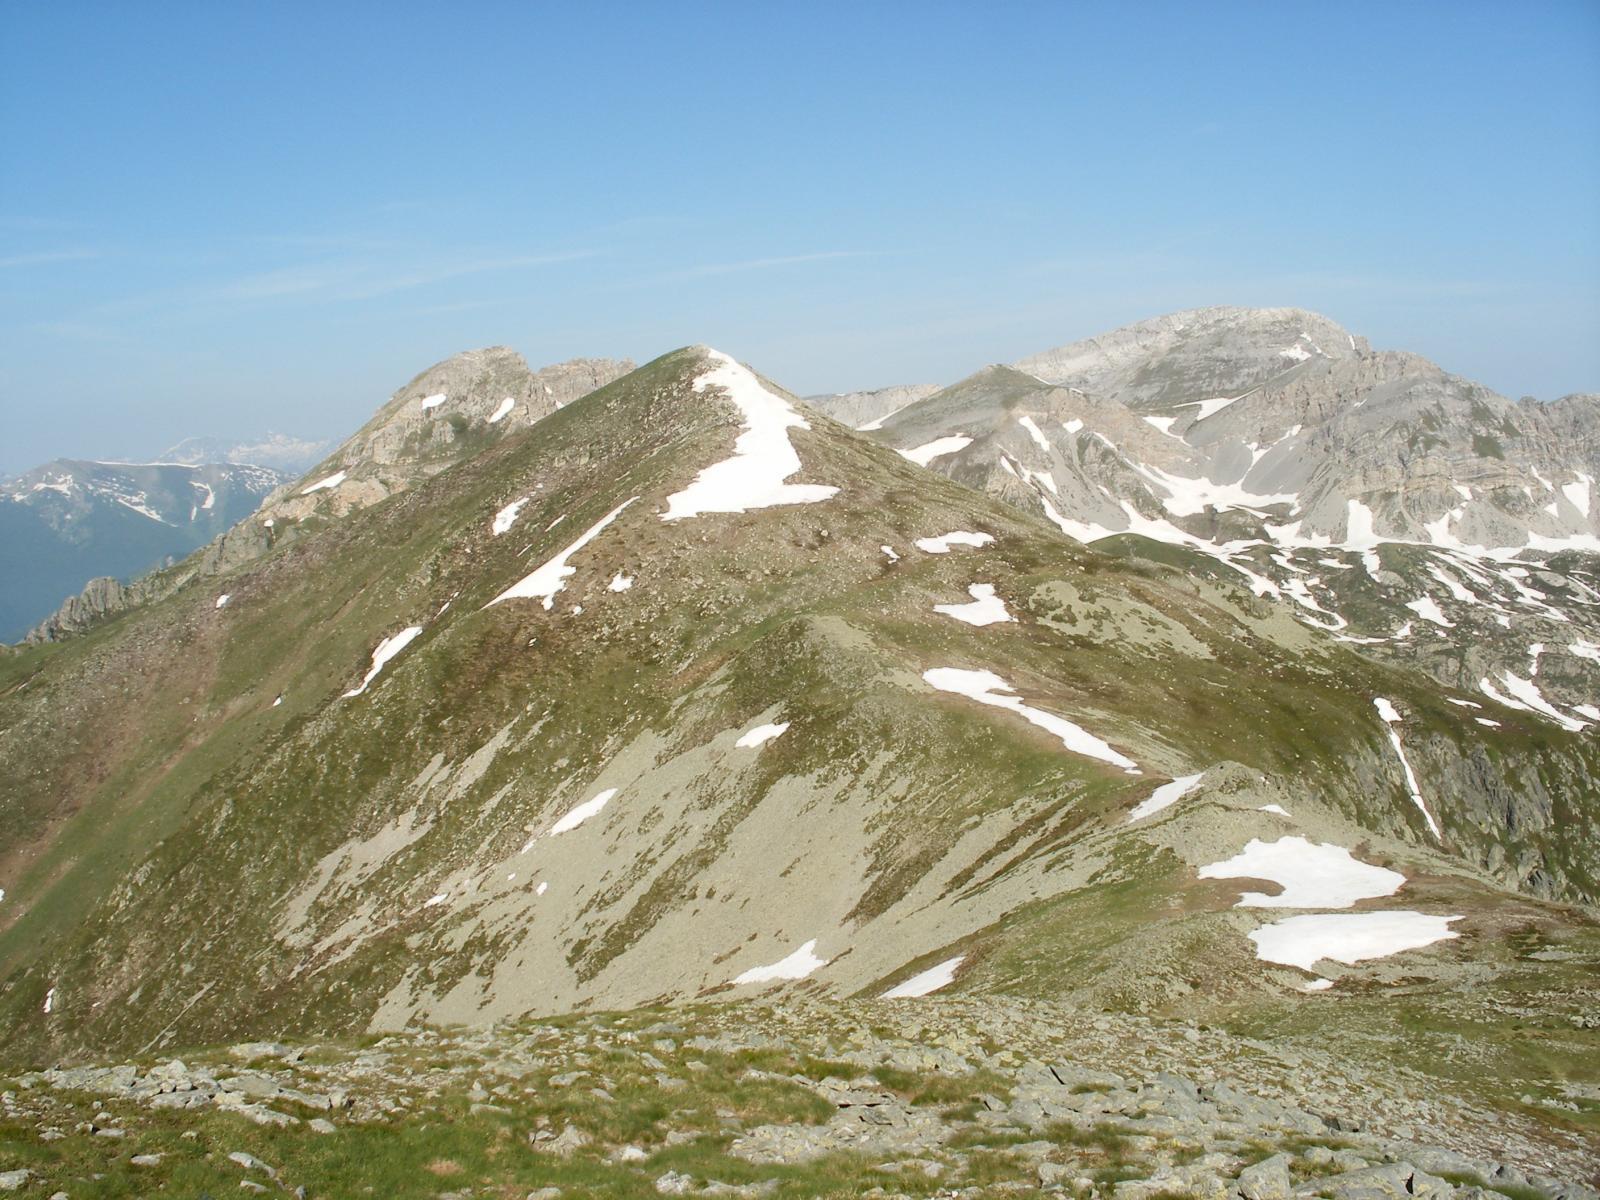 la dorsale ovest con Cima Roccate e Conoia a sx